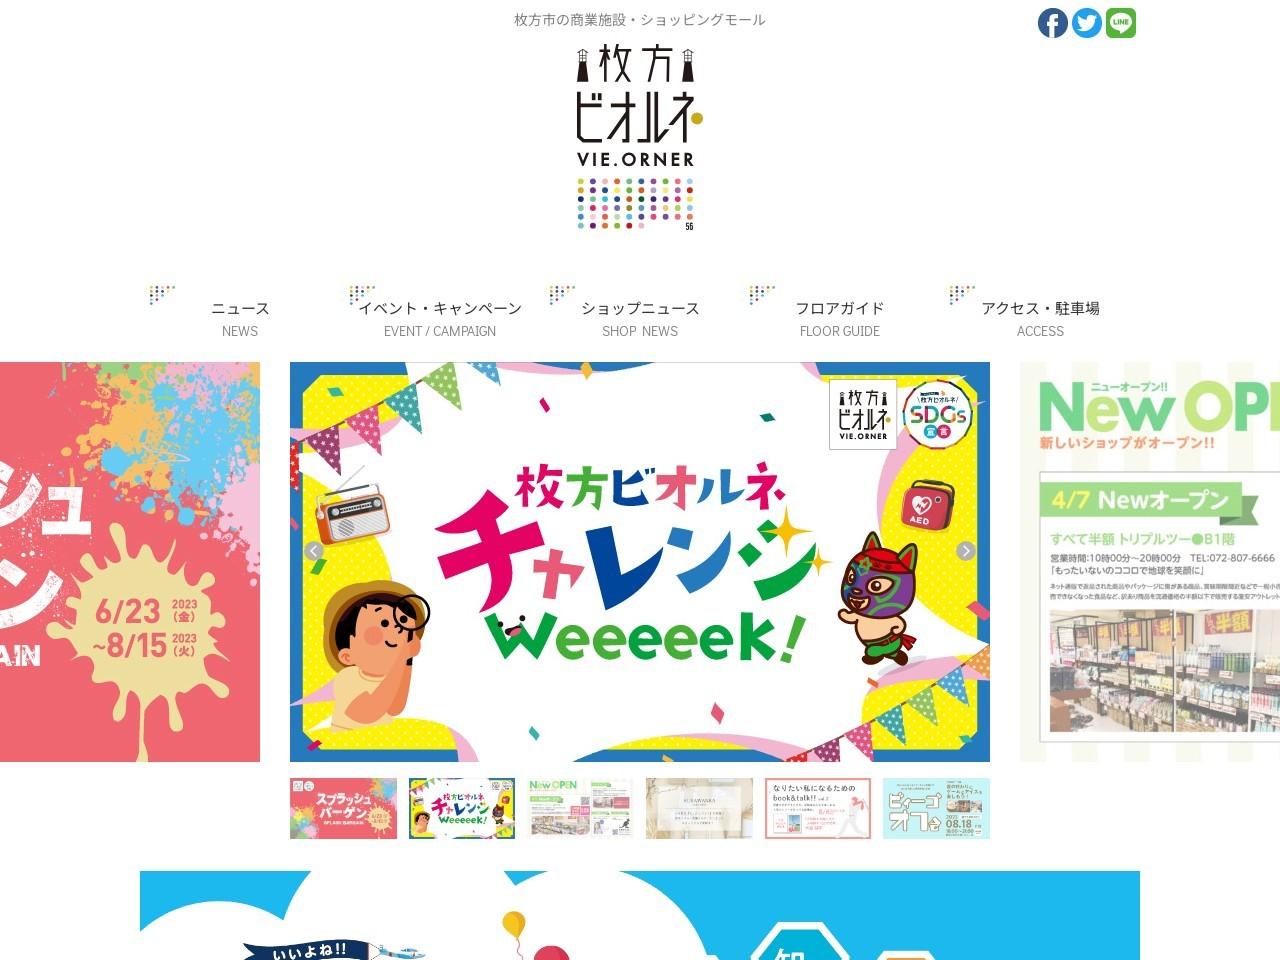 枚方市駅前・ビオルネ・VIE.ORNER・ショッピング情報